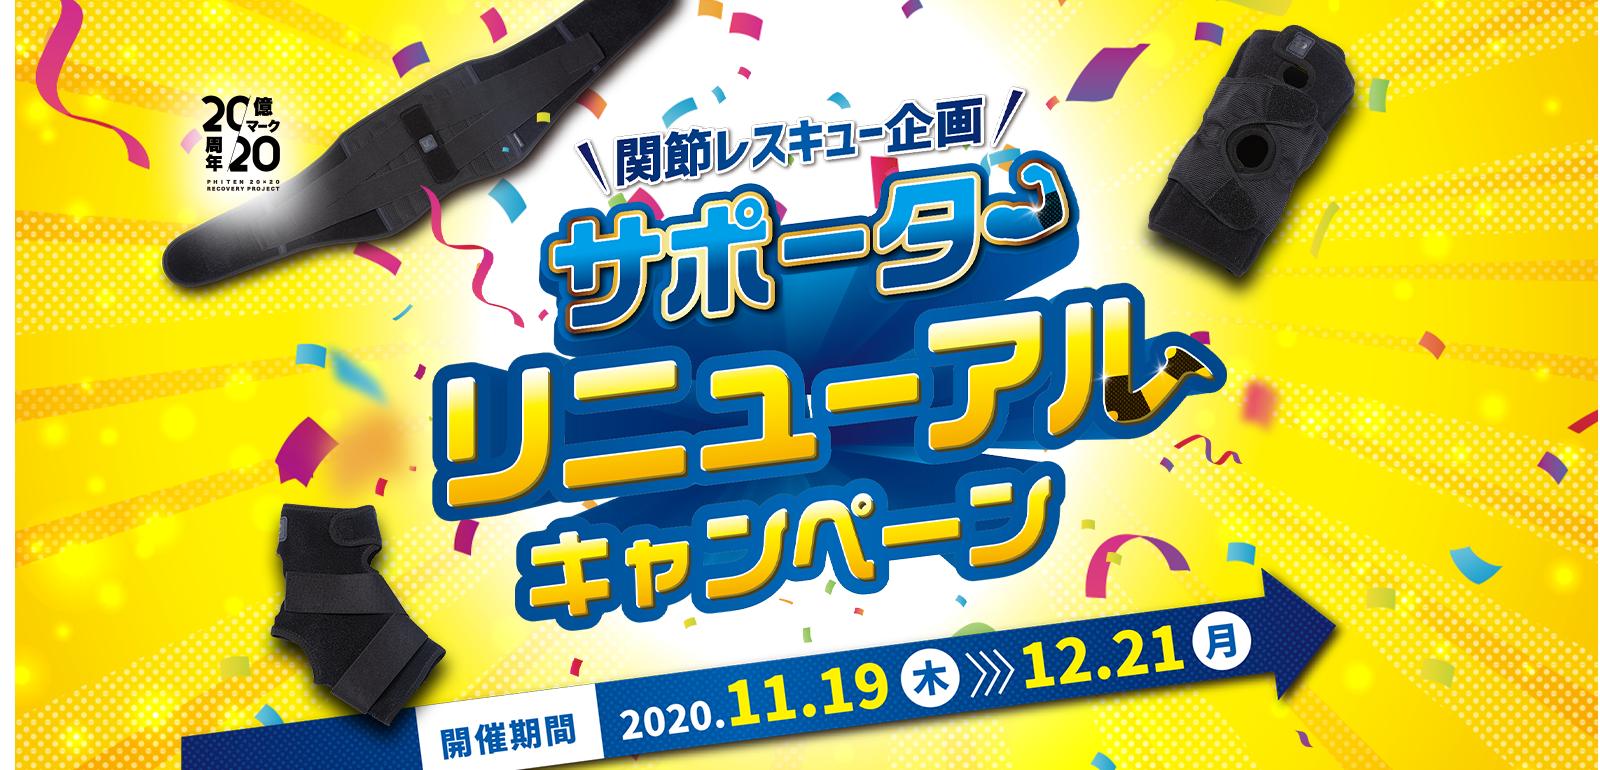 関節レスキュー企画 サポーターリニューアルキャンペーン【開催期間】2020.11.19(木)~12.21(月)